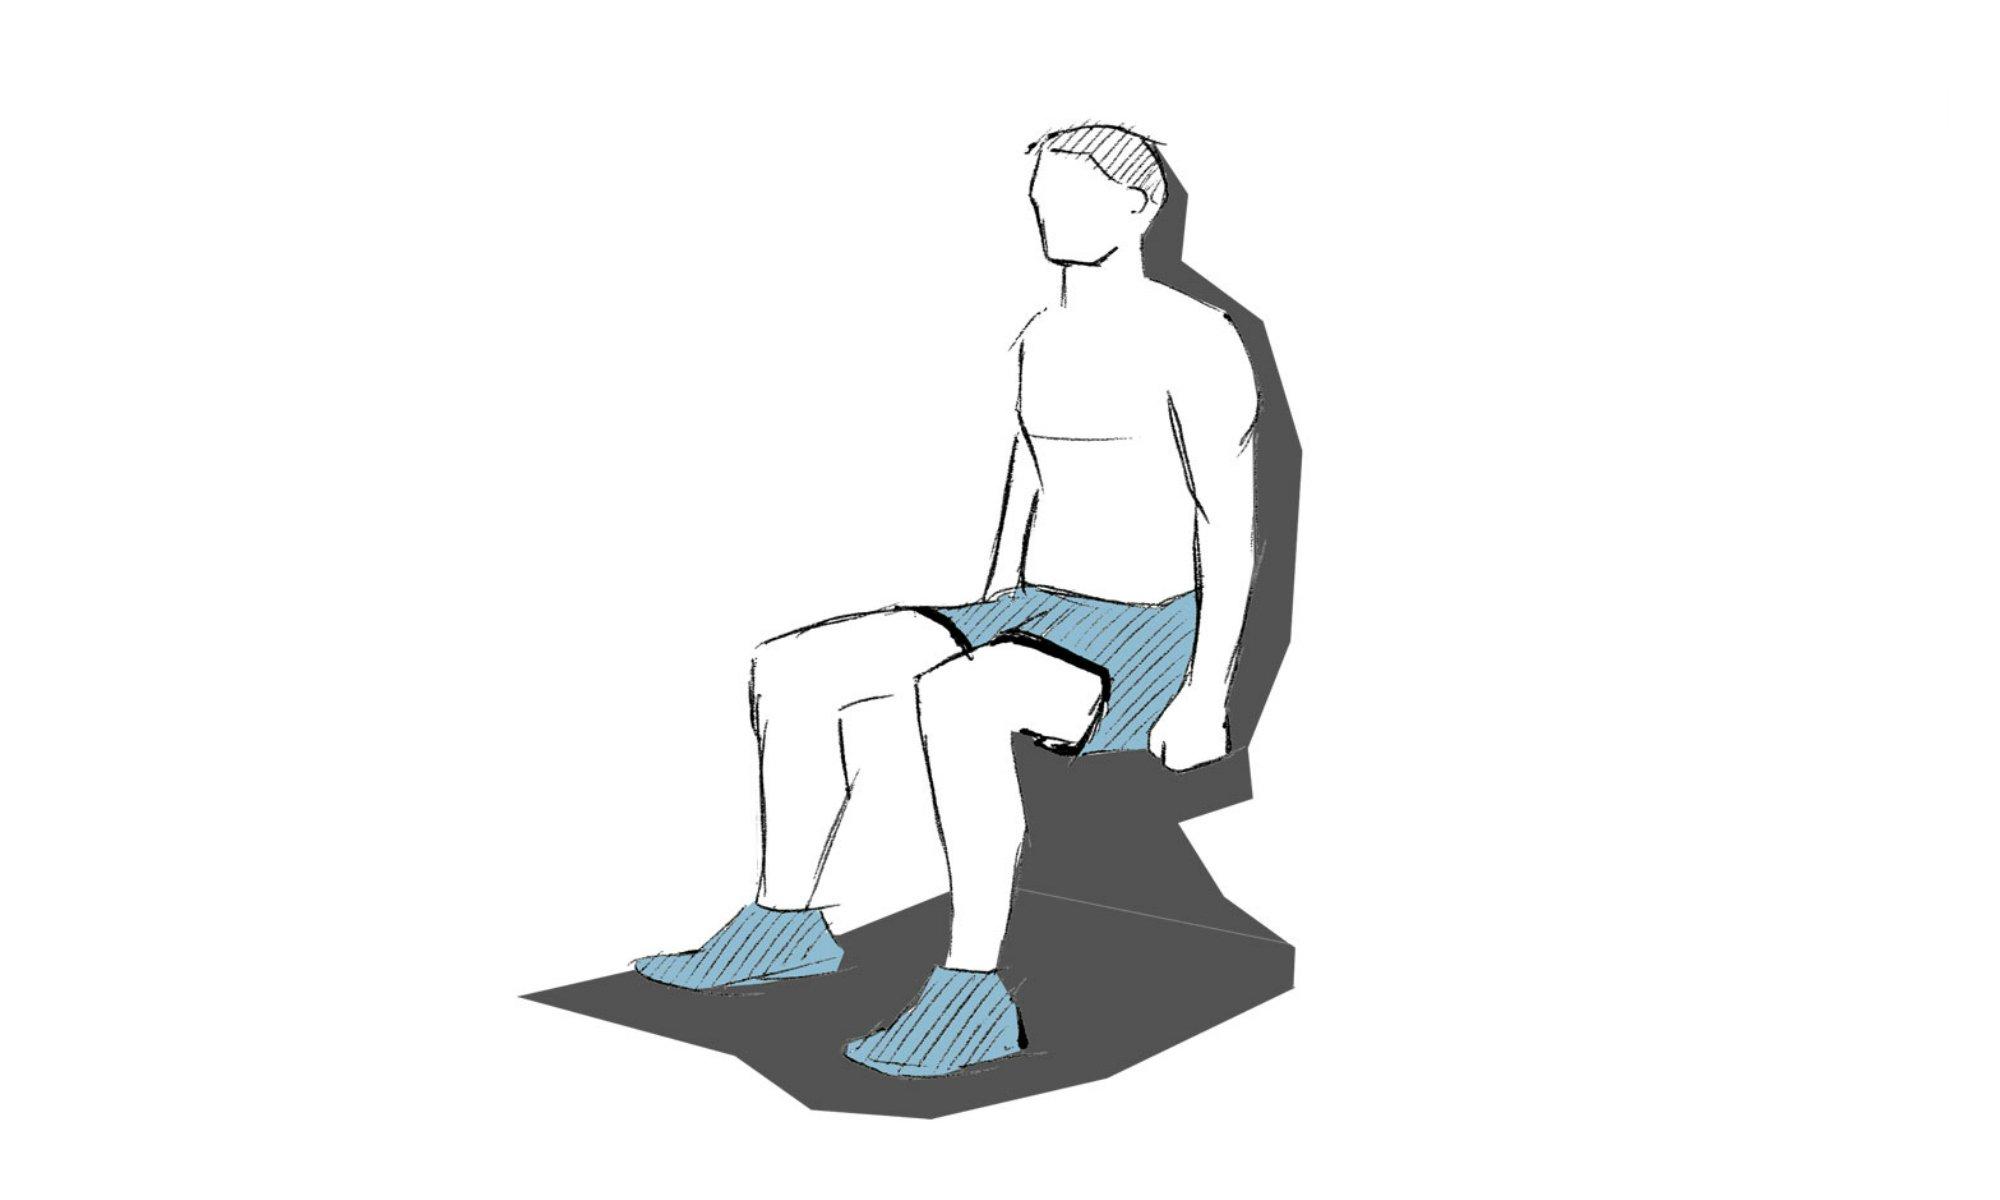 De wall sit is een oefening waarbij je met je rug tegen de muur zit.